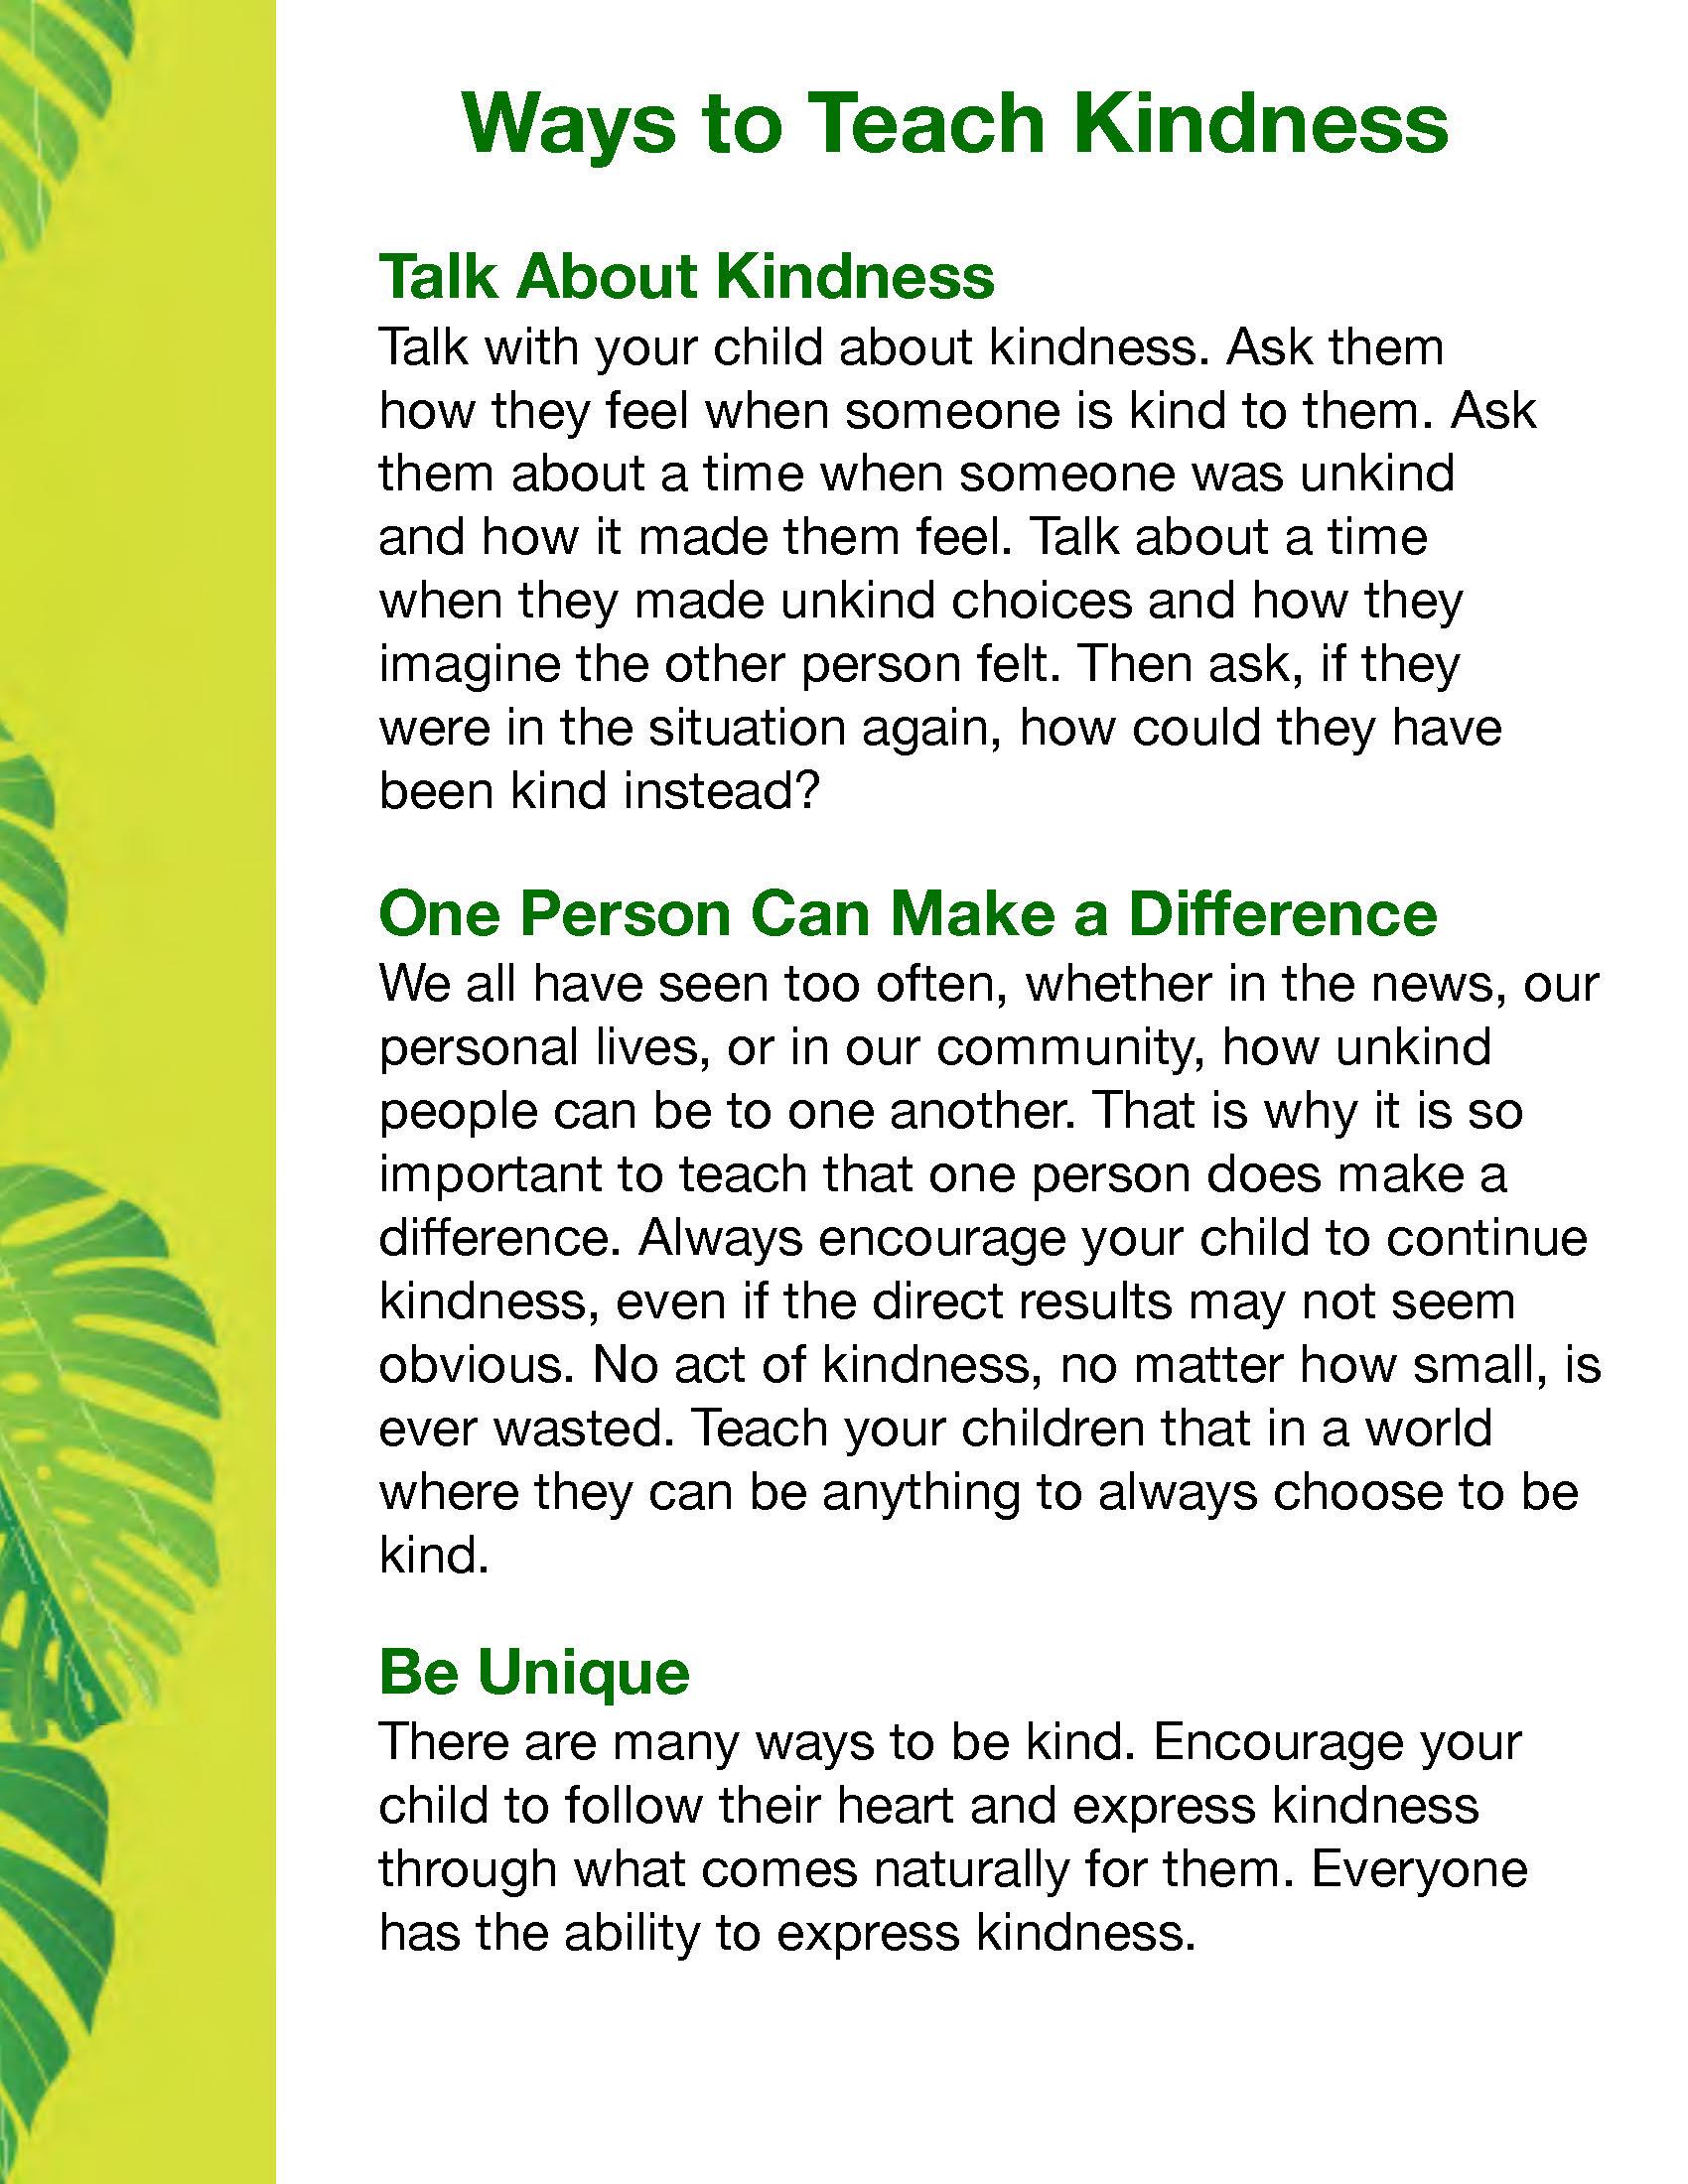 CPCS Champ - Kindness_parent quide R_Page_3.jpg